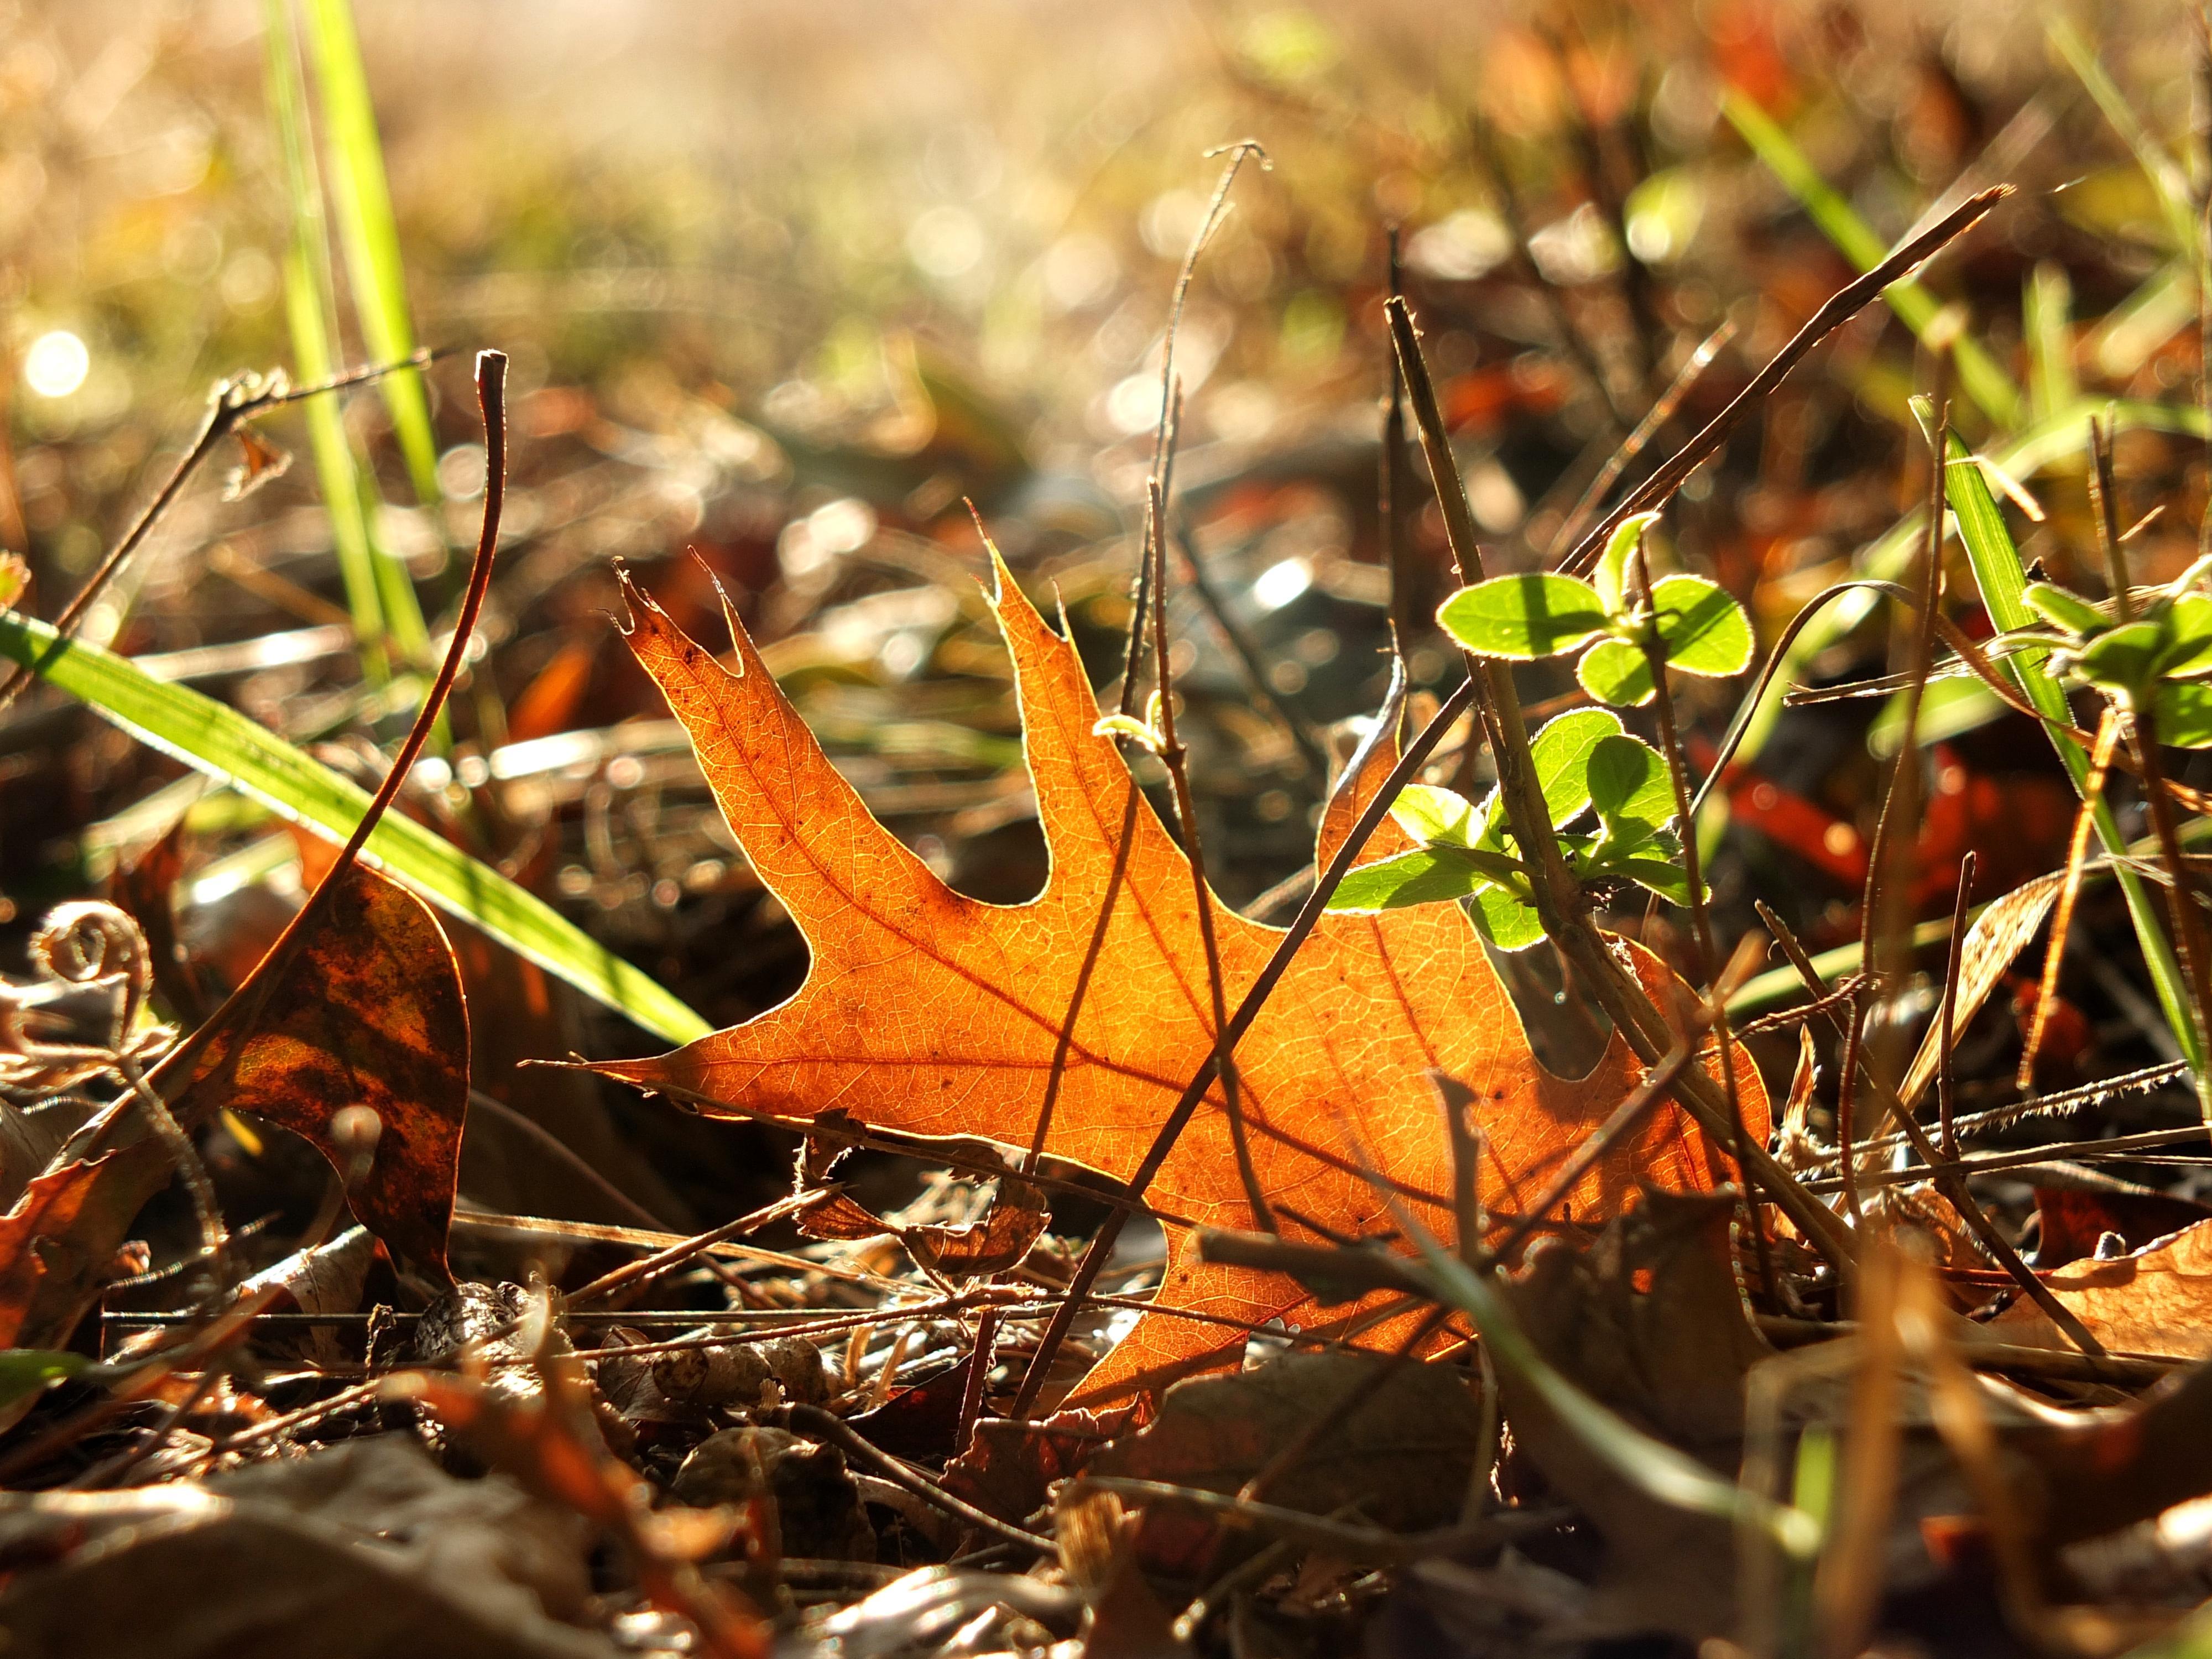 fallen-oak-leaf-sun-3143-1